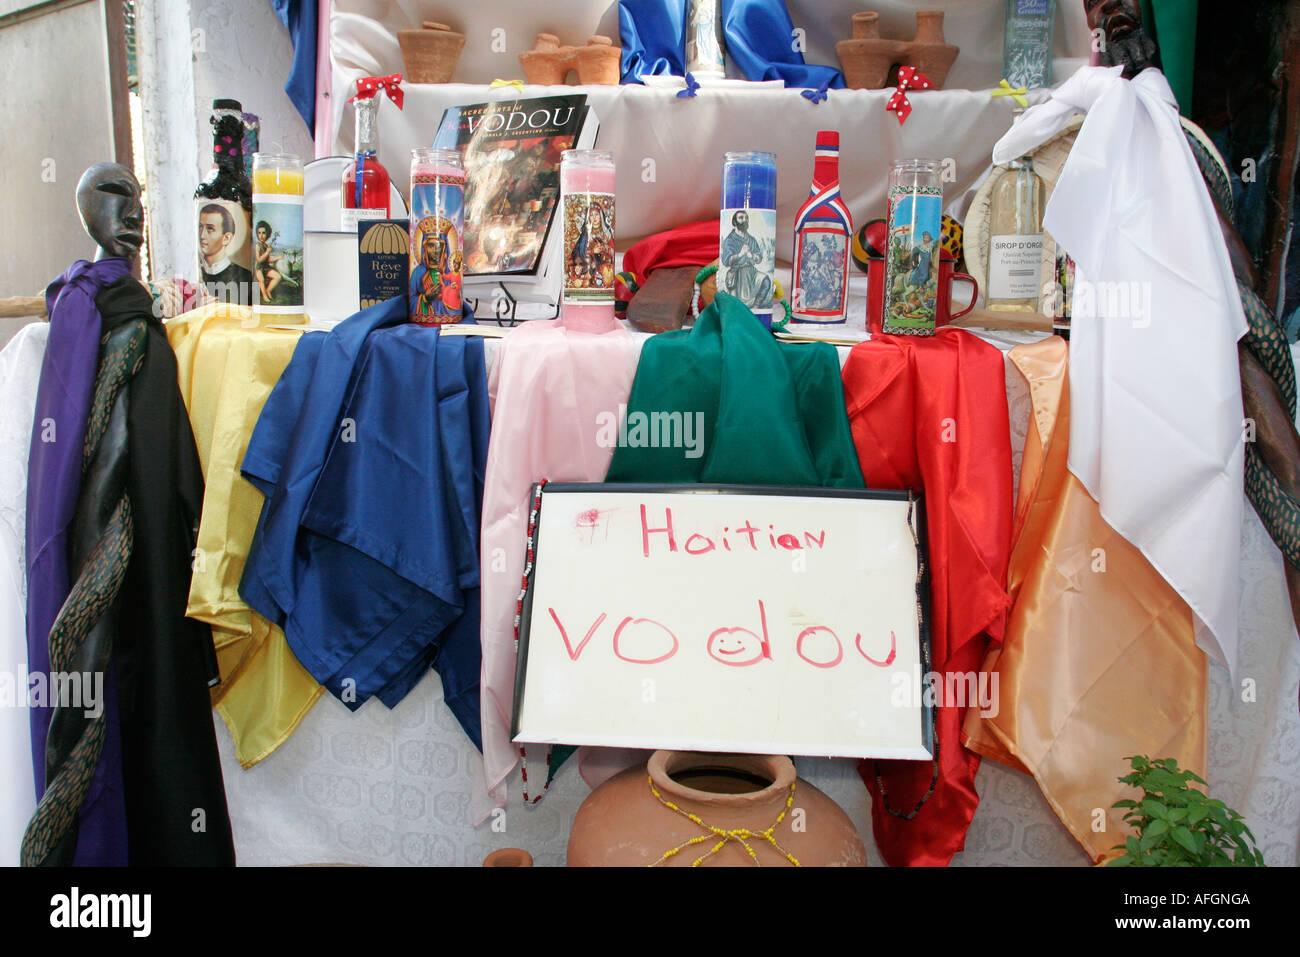 Haitian Voodoo Stock Photos & Haitian Voodoo Stock Images